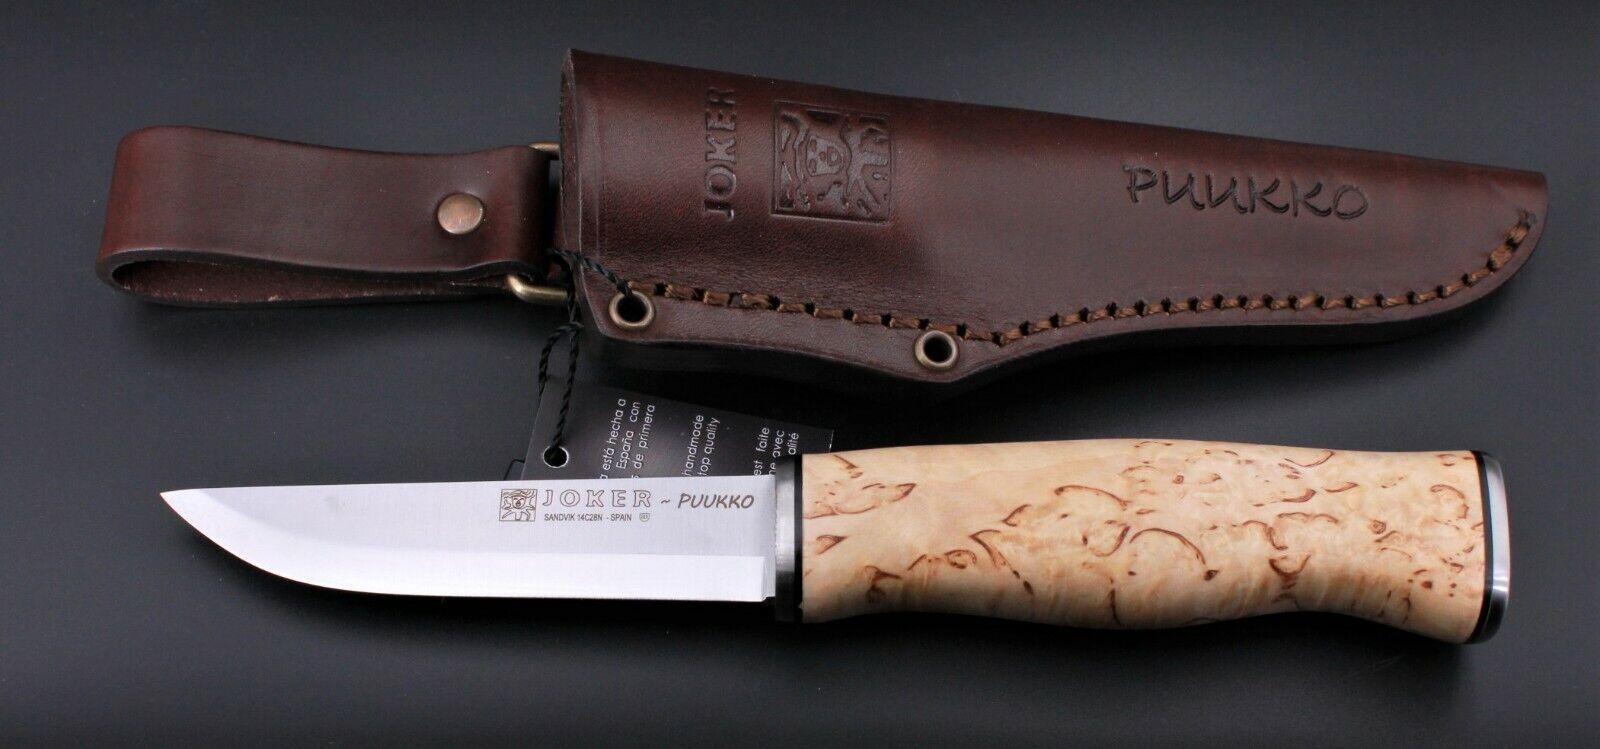 JOKER Puukko CL127 Maserbirke natur Lederscheide Messer Jagdmesser